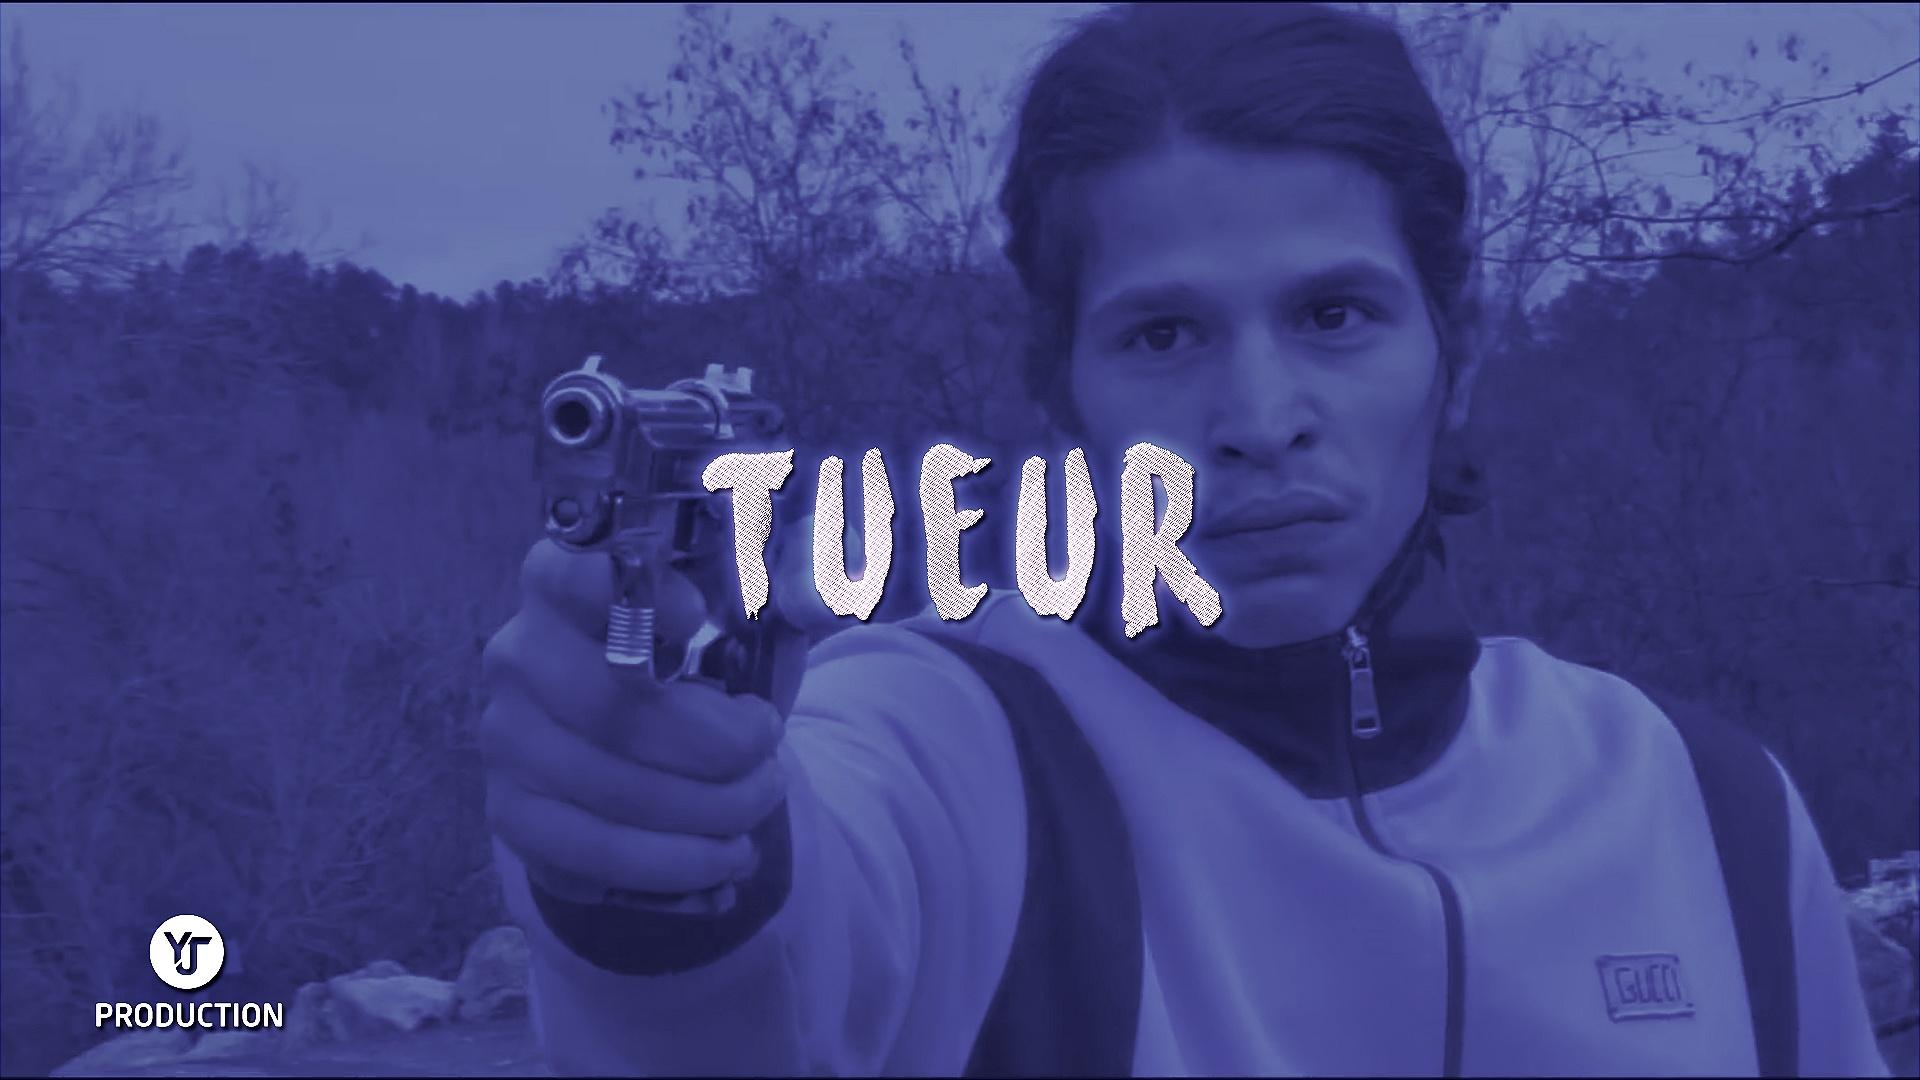 [PISTES] TUEUR | YJ Production